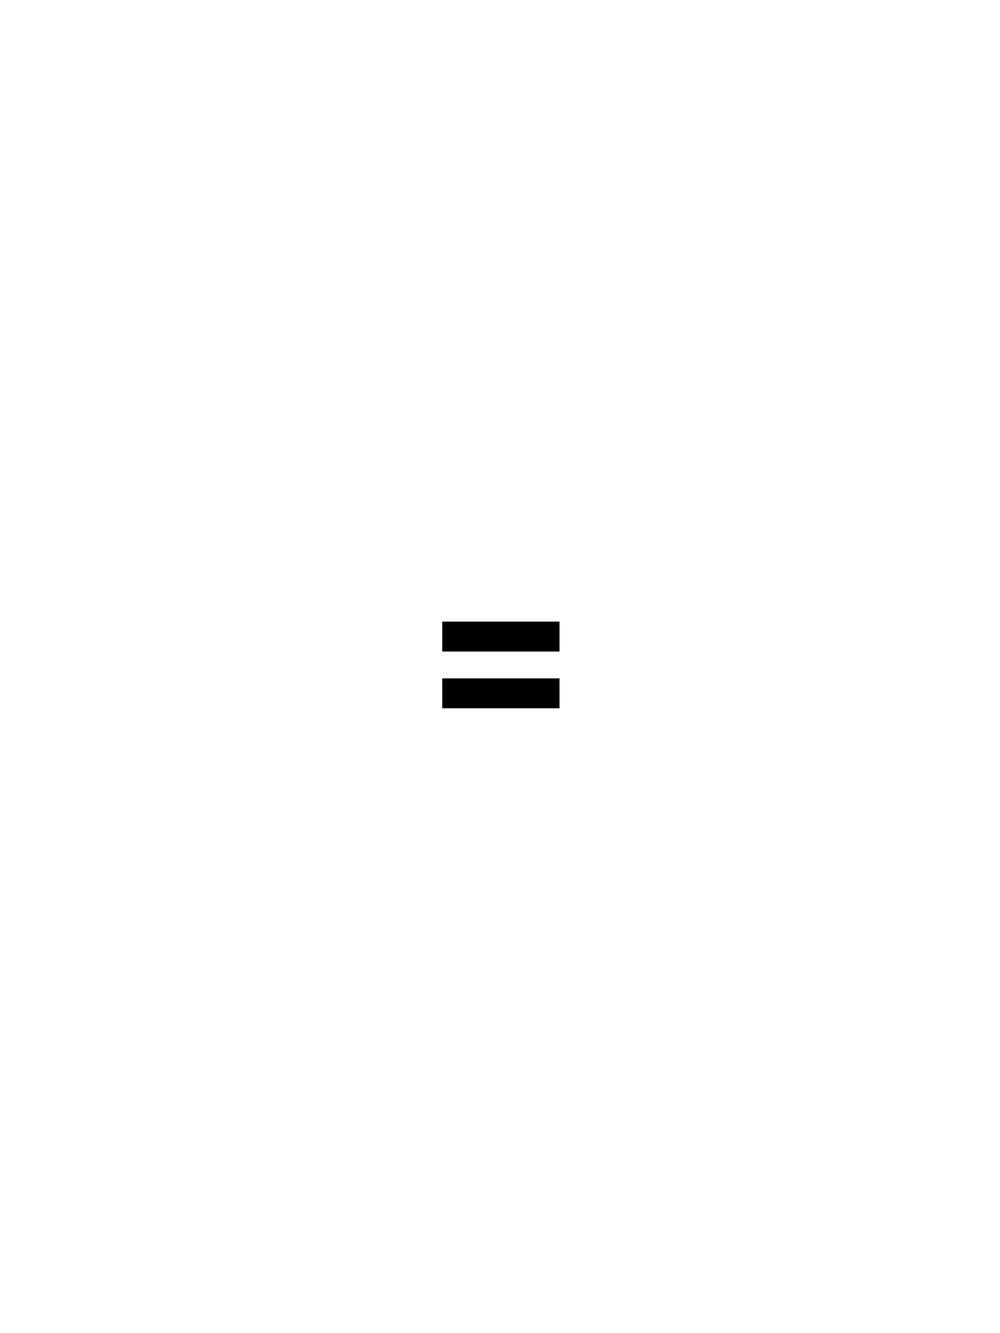 Equals Sign.jpg